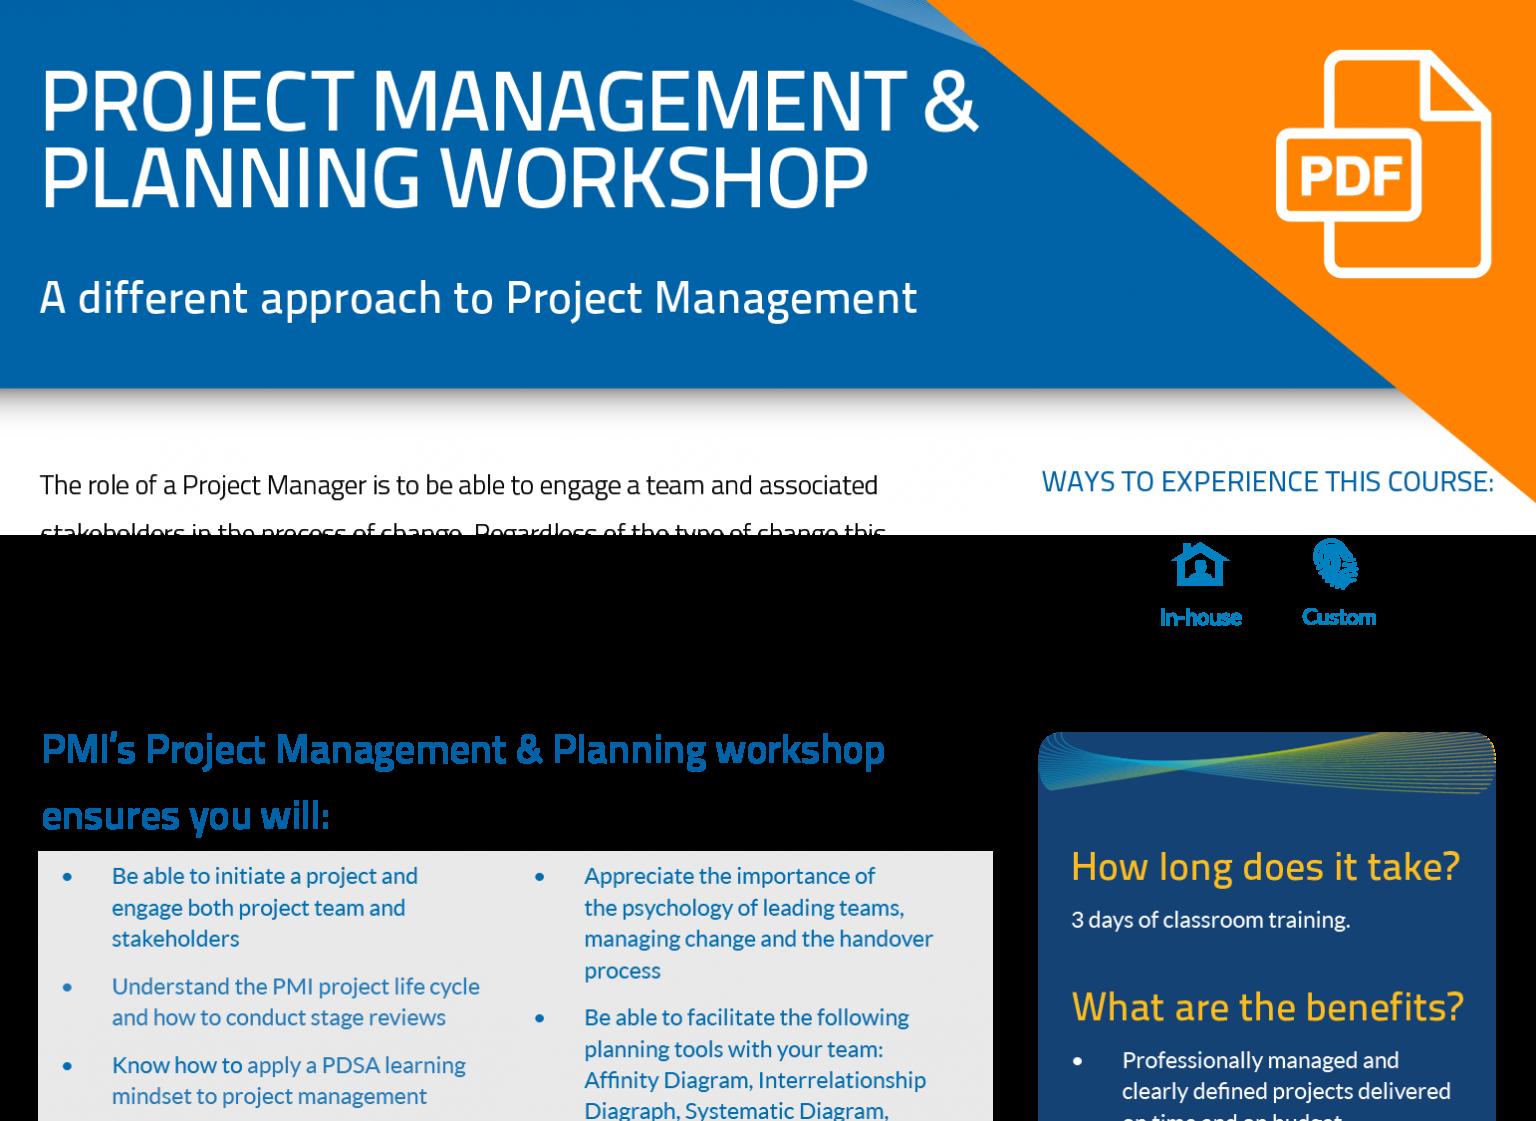 FLYER: Project Management & Planning Workshop